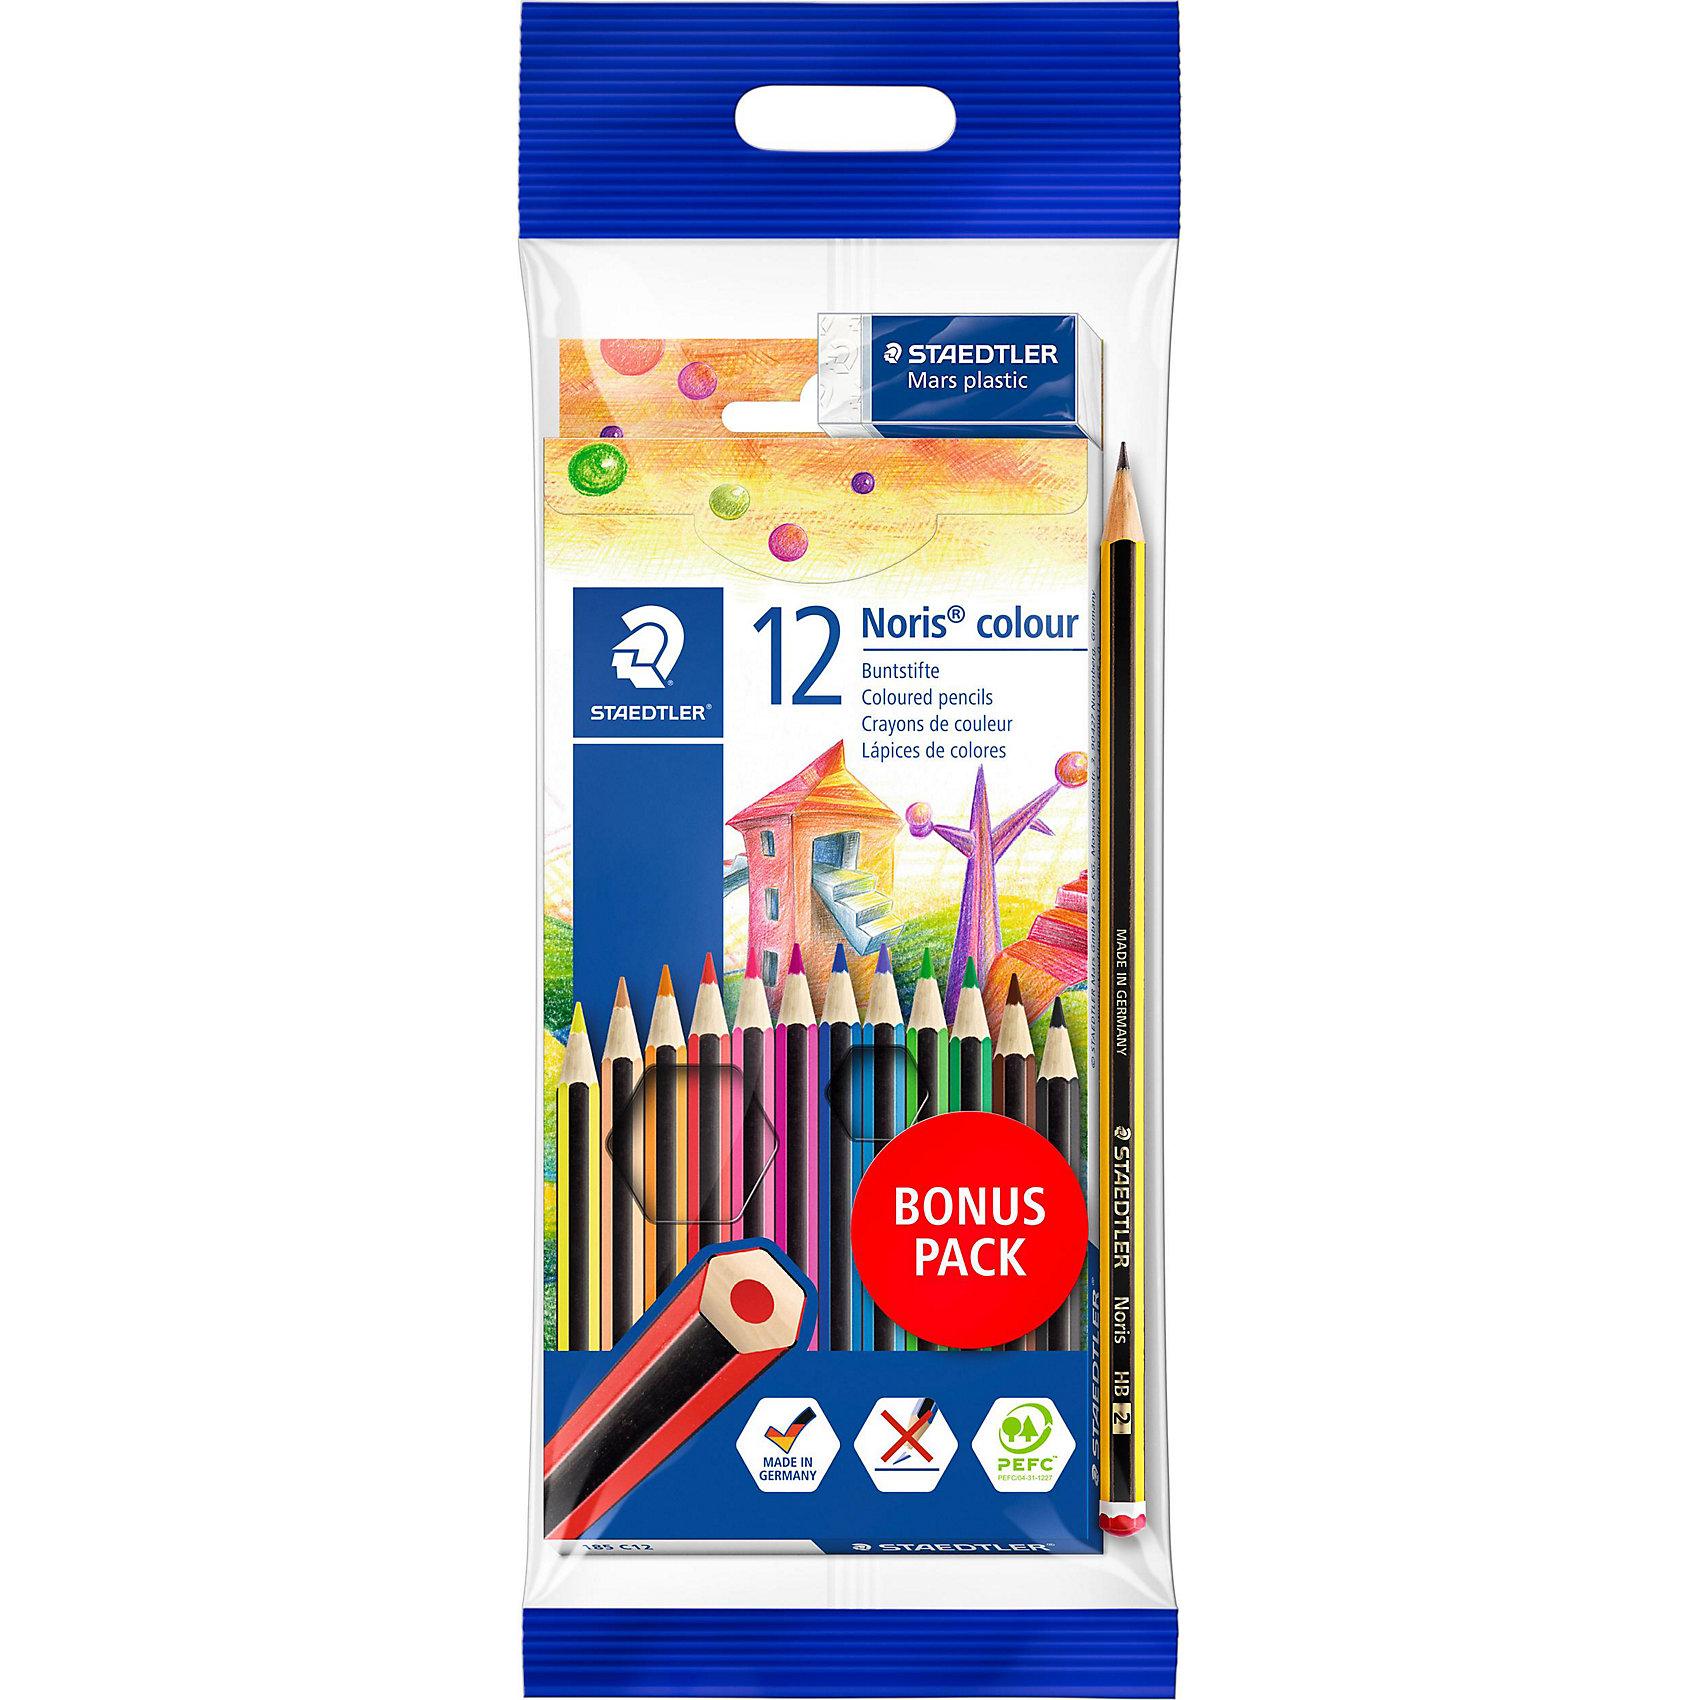 Цветные карандаши NorisClub, 12 цв.Набор цветных карандашей Noris Club классической шестигранной формы. Картонная коробка. Содержит 12 цветов + чернографитовы карандаш+ ластик. A-B-C - белое защитное покрытие для укрепления грифеля и для защиты от поломки. Очень мягкий и яркий грифель. При призводстве используется древесина сертифицированных и  специально подготовленных лесов.<br><br>Ширина мм: 202<br>Глубина мм: 109<br>Высота мм: 22<br>Вес г: 88<br>Возраст от месяцев: 60<br>Возраст до месяцев: 144<br>Пол: Унисекс<br>Возраст: Детский<br>SKU: 2187914